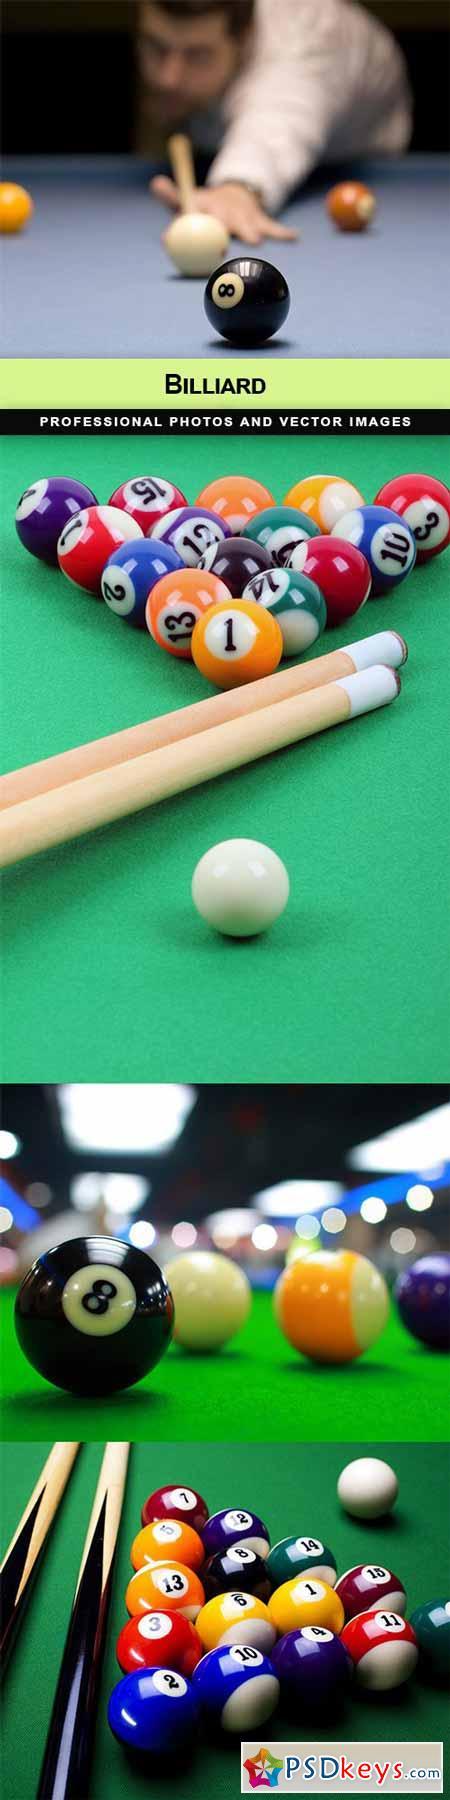 Billiard - 4 UHQ JPEG